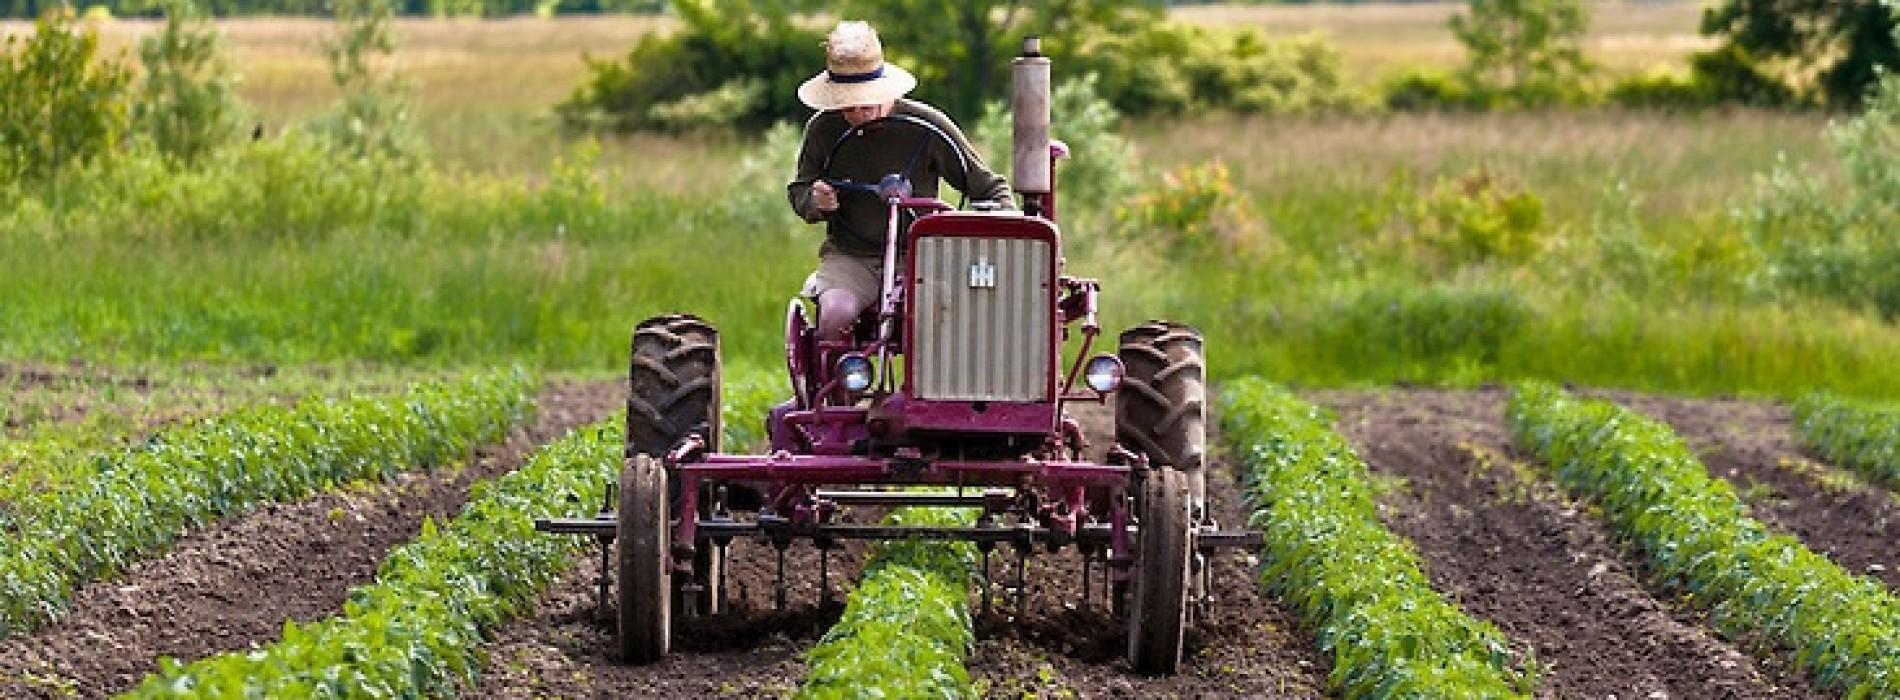 Resort rolnictwa wprowadza zmiany umożliwiające przekazanie pomocy większej liczbie gospodarstw